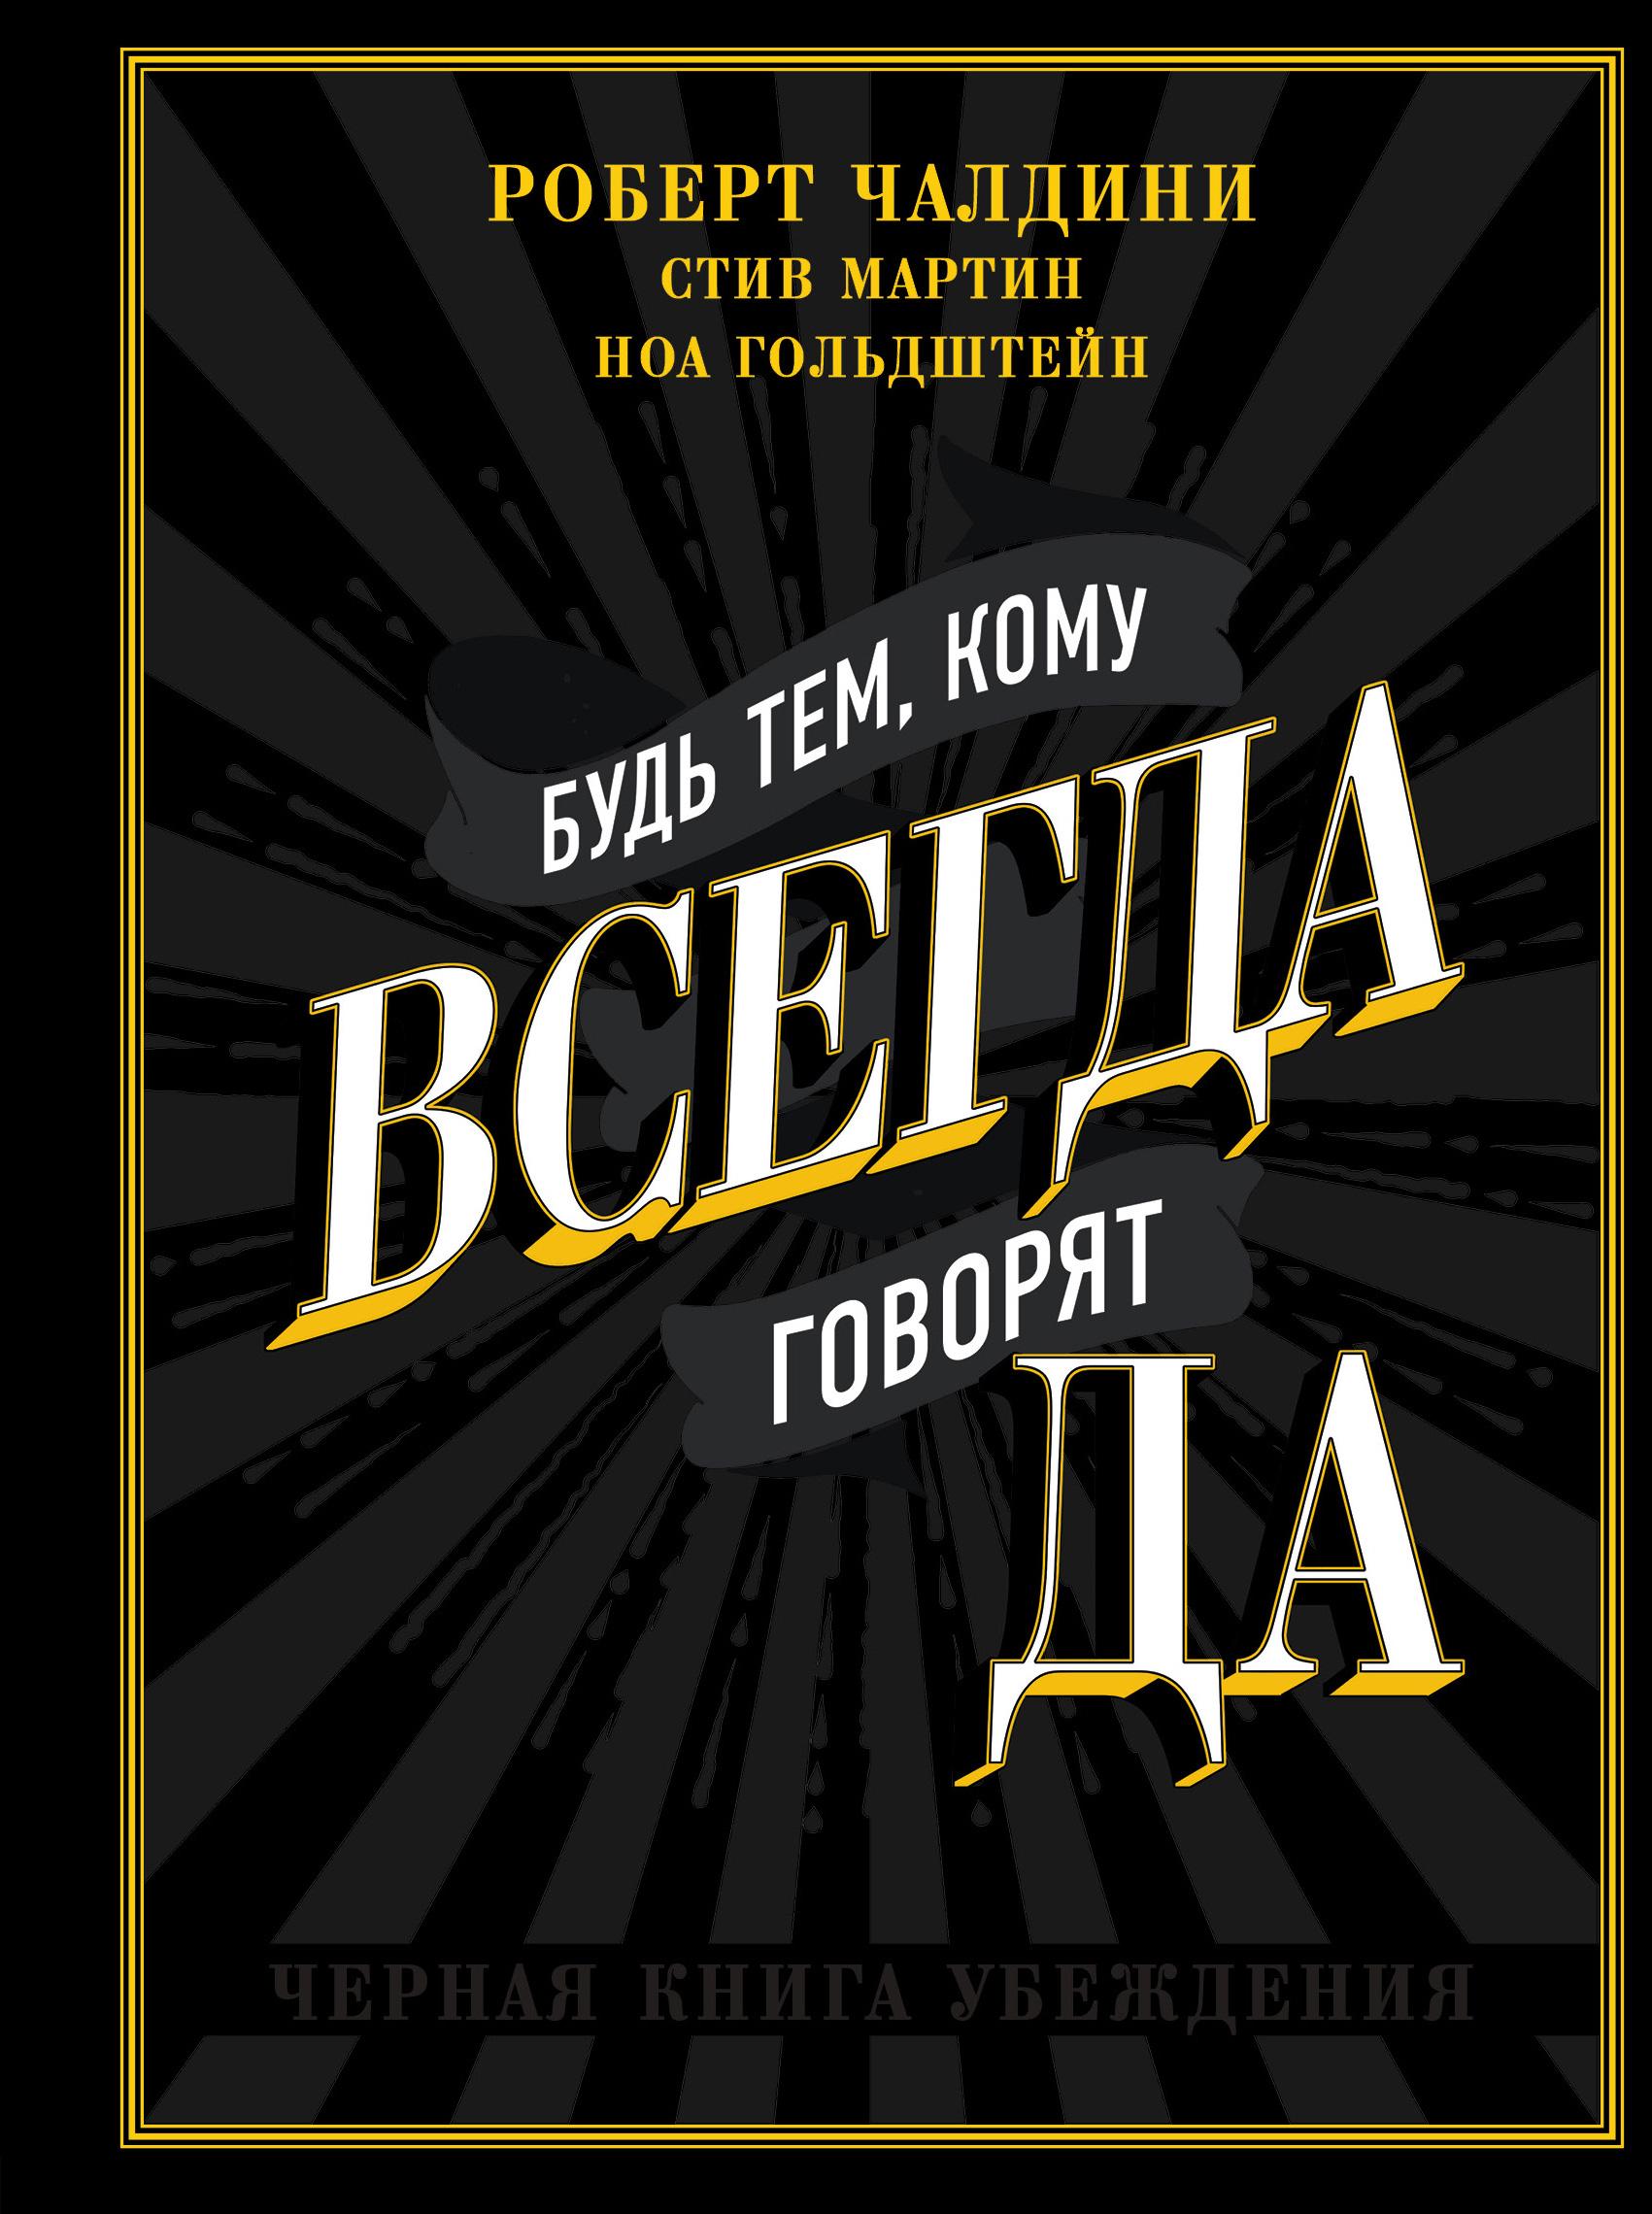 Роберт Чалдини, Ноа Гольдштейн, Стив Мартин «Будь тем, кому всегда говорят ДА. Черная книга убеждения»